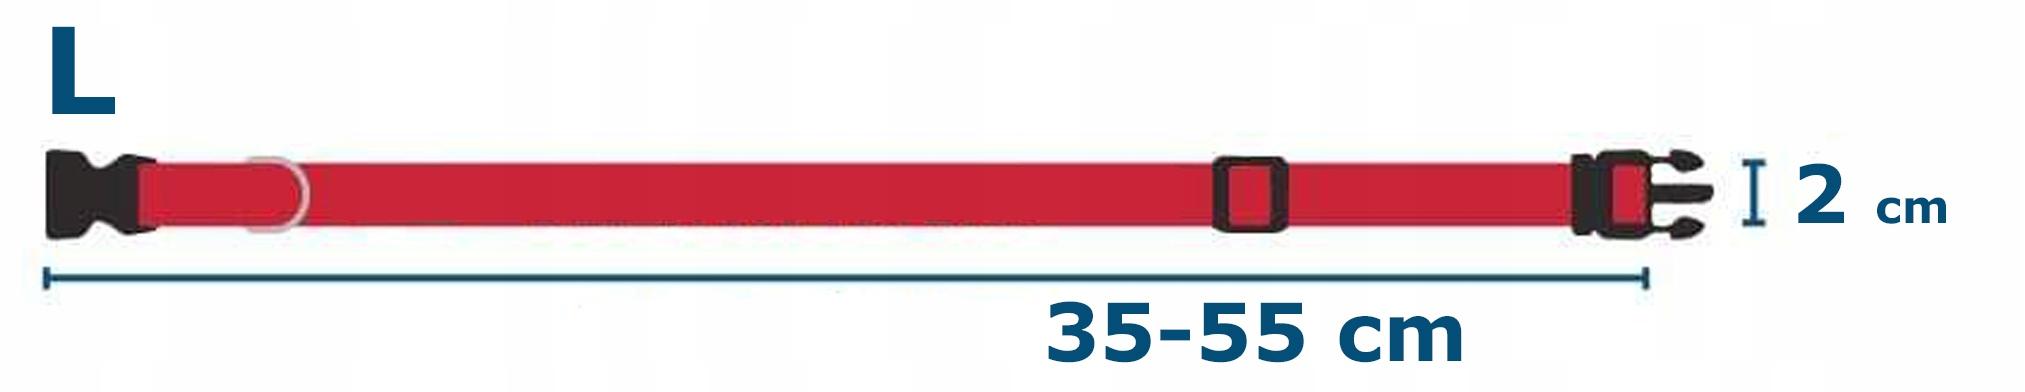 SOLIDNA OBROŻA TAŚMOWA REGULACJA 2x35/55 cm L Kolor czarny odcienie czerwieni